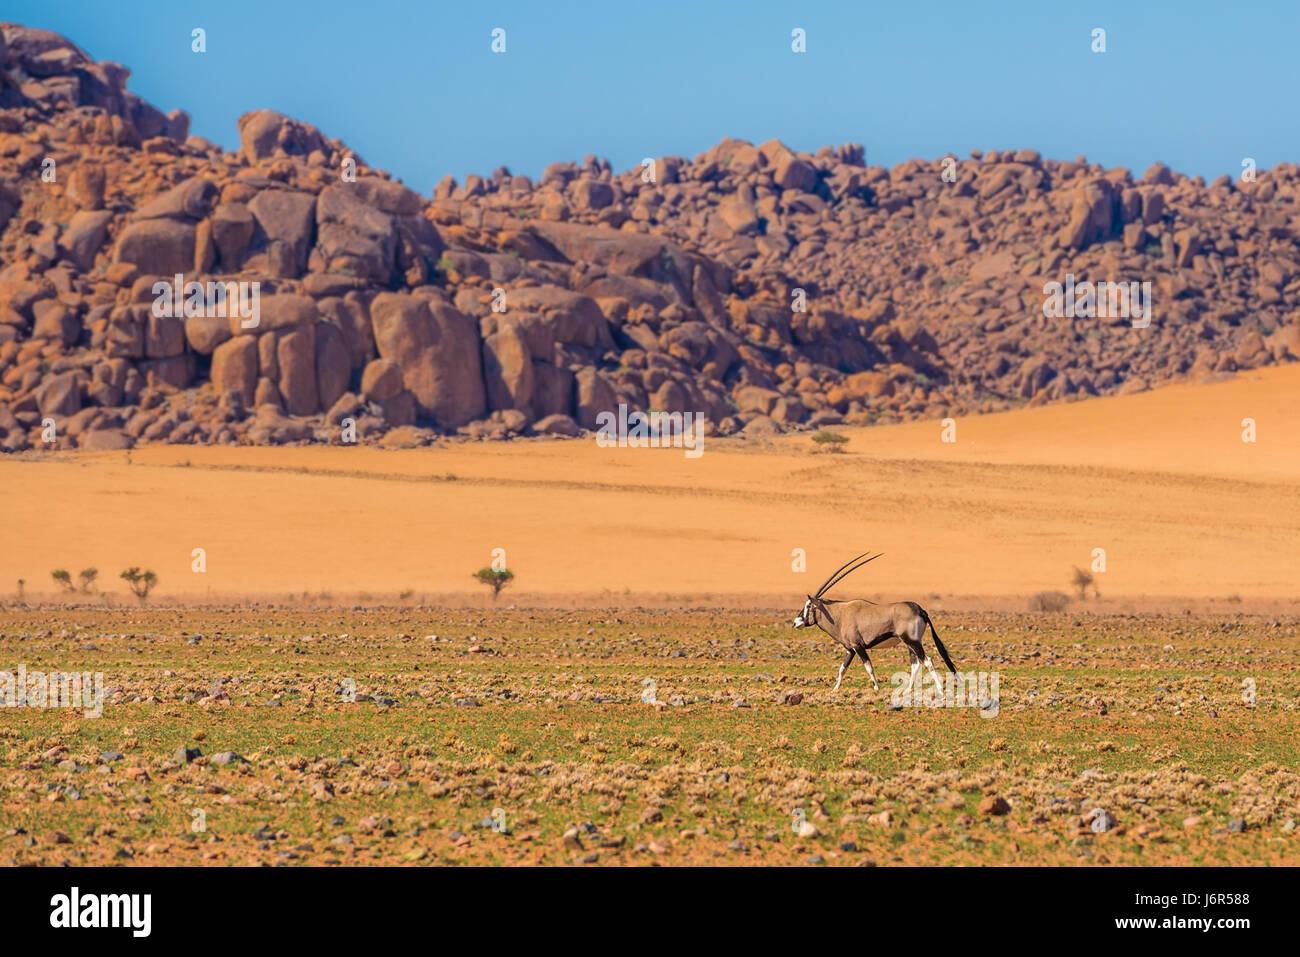 Oryx antelope in Namib-Naukluft national park, Namibia - Stock Image